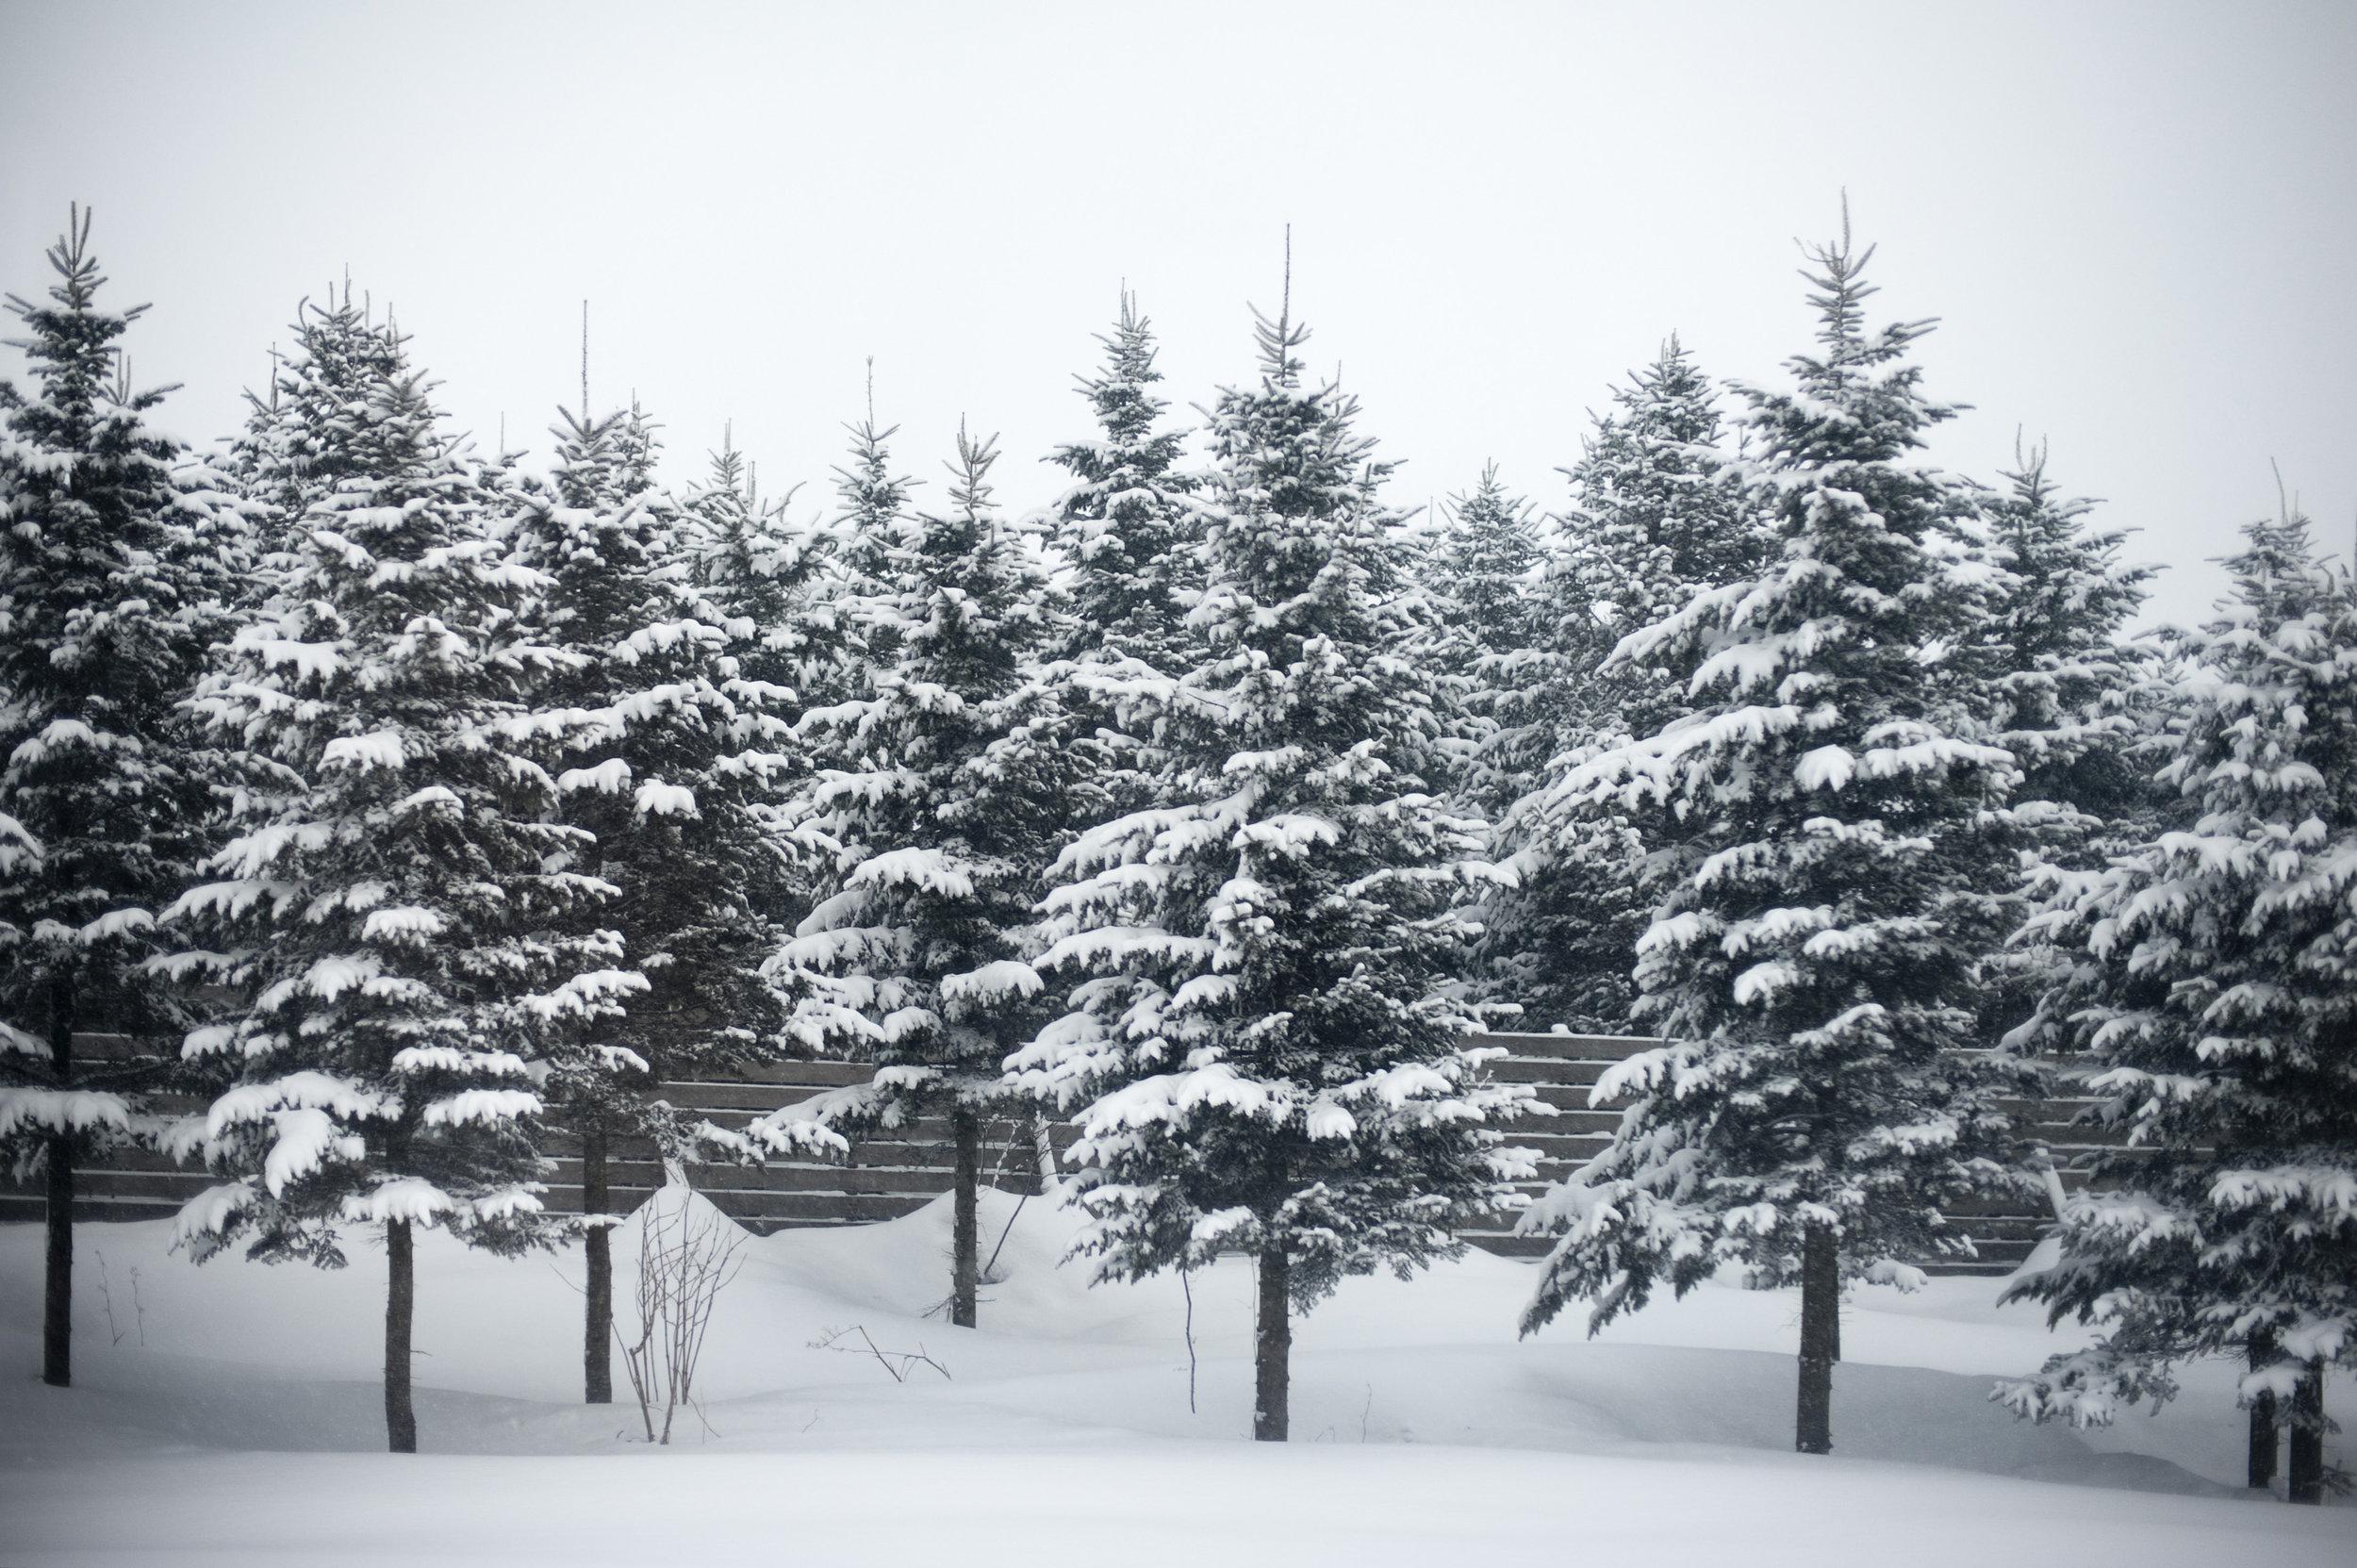 Snow_on_fir_trees.jpg